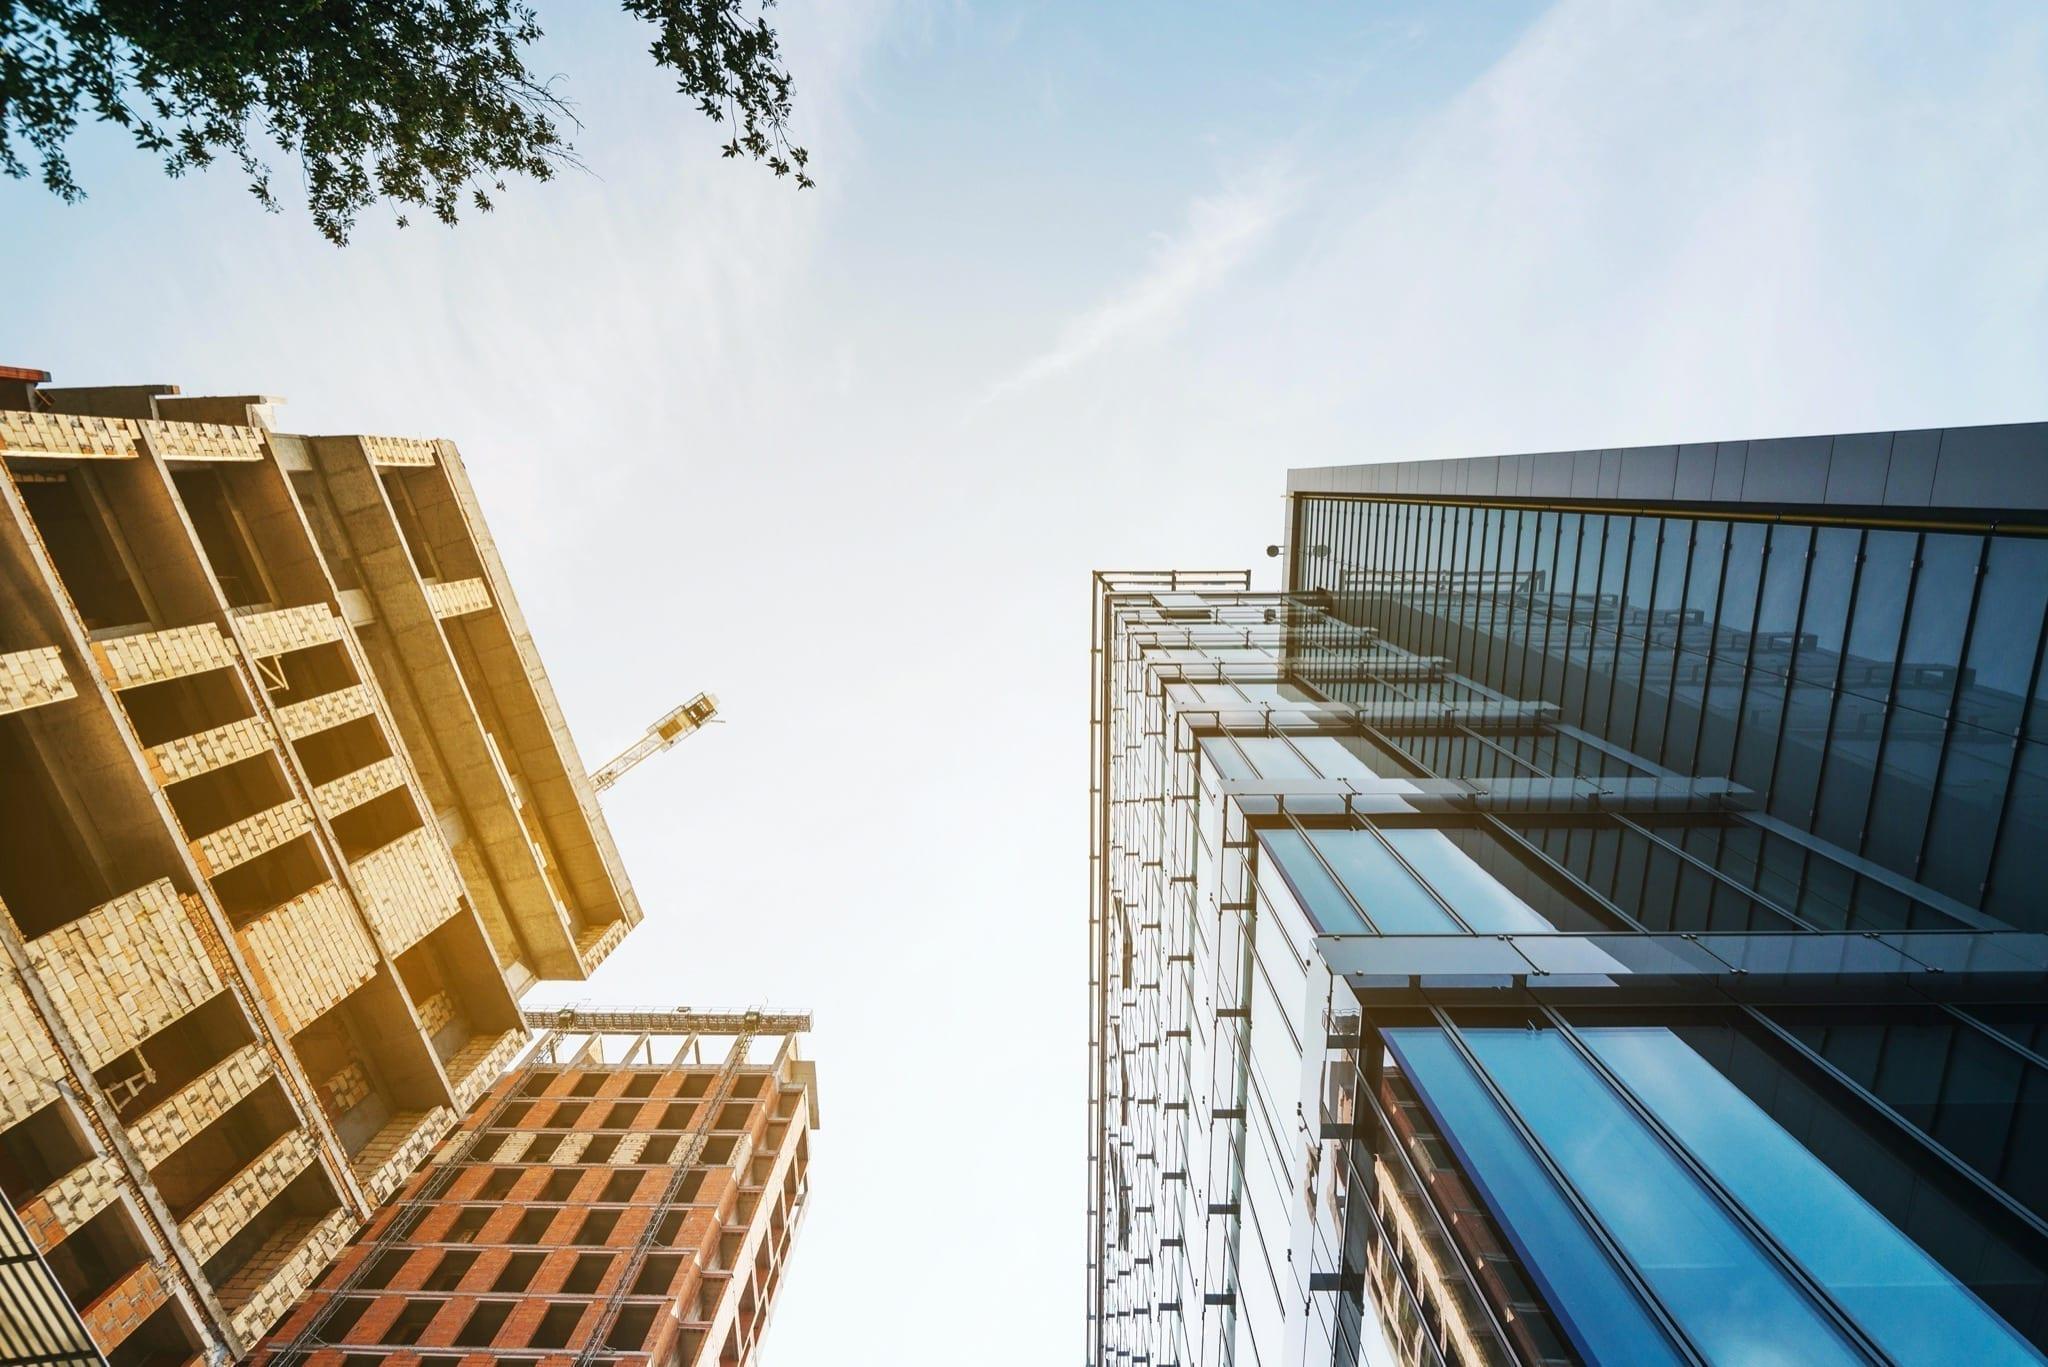 179380 OWJAJR 132 copy - Analiză exclusivă: Sectorul imobiliar, dezvoltare cu viteze diferite în 2020 pe fondul contracției economiei